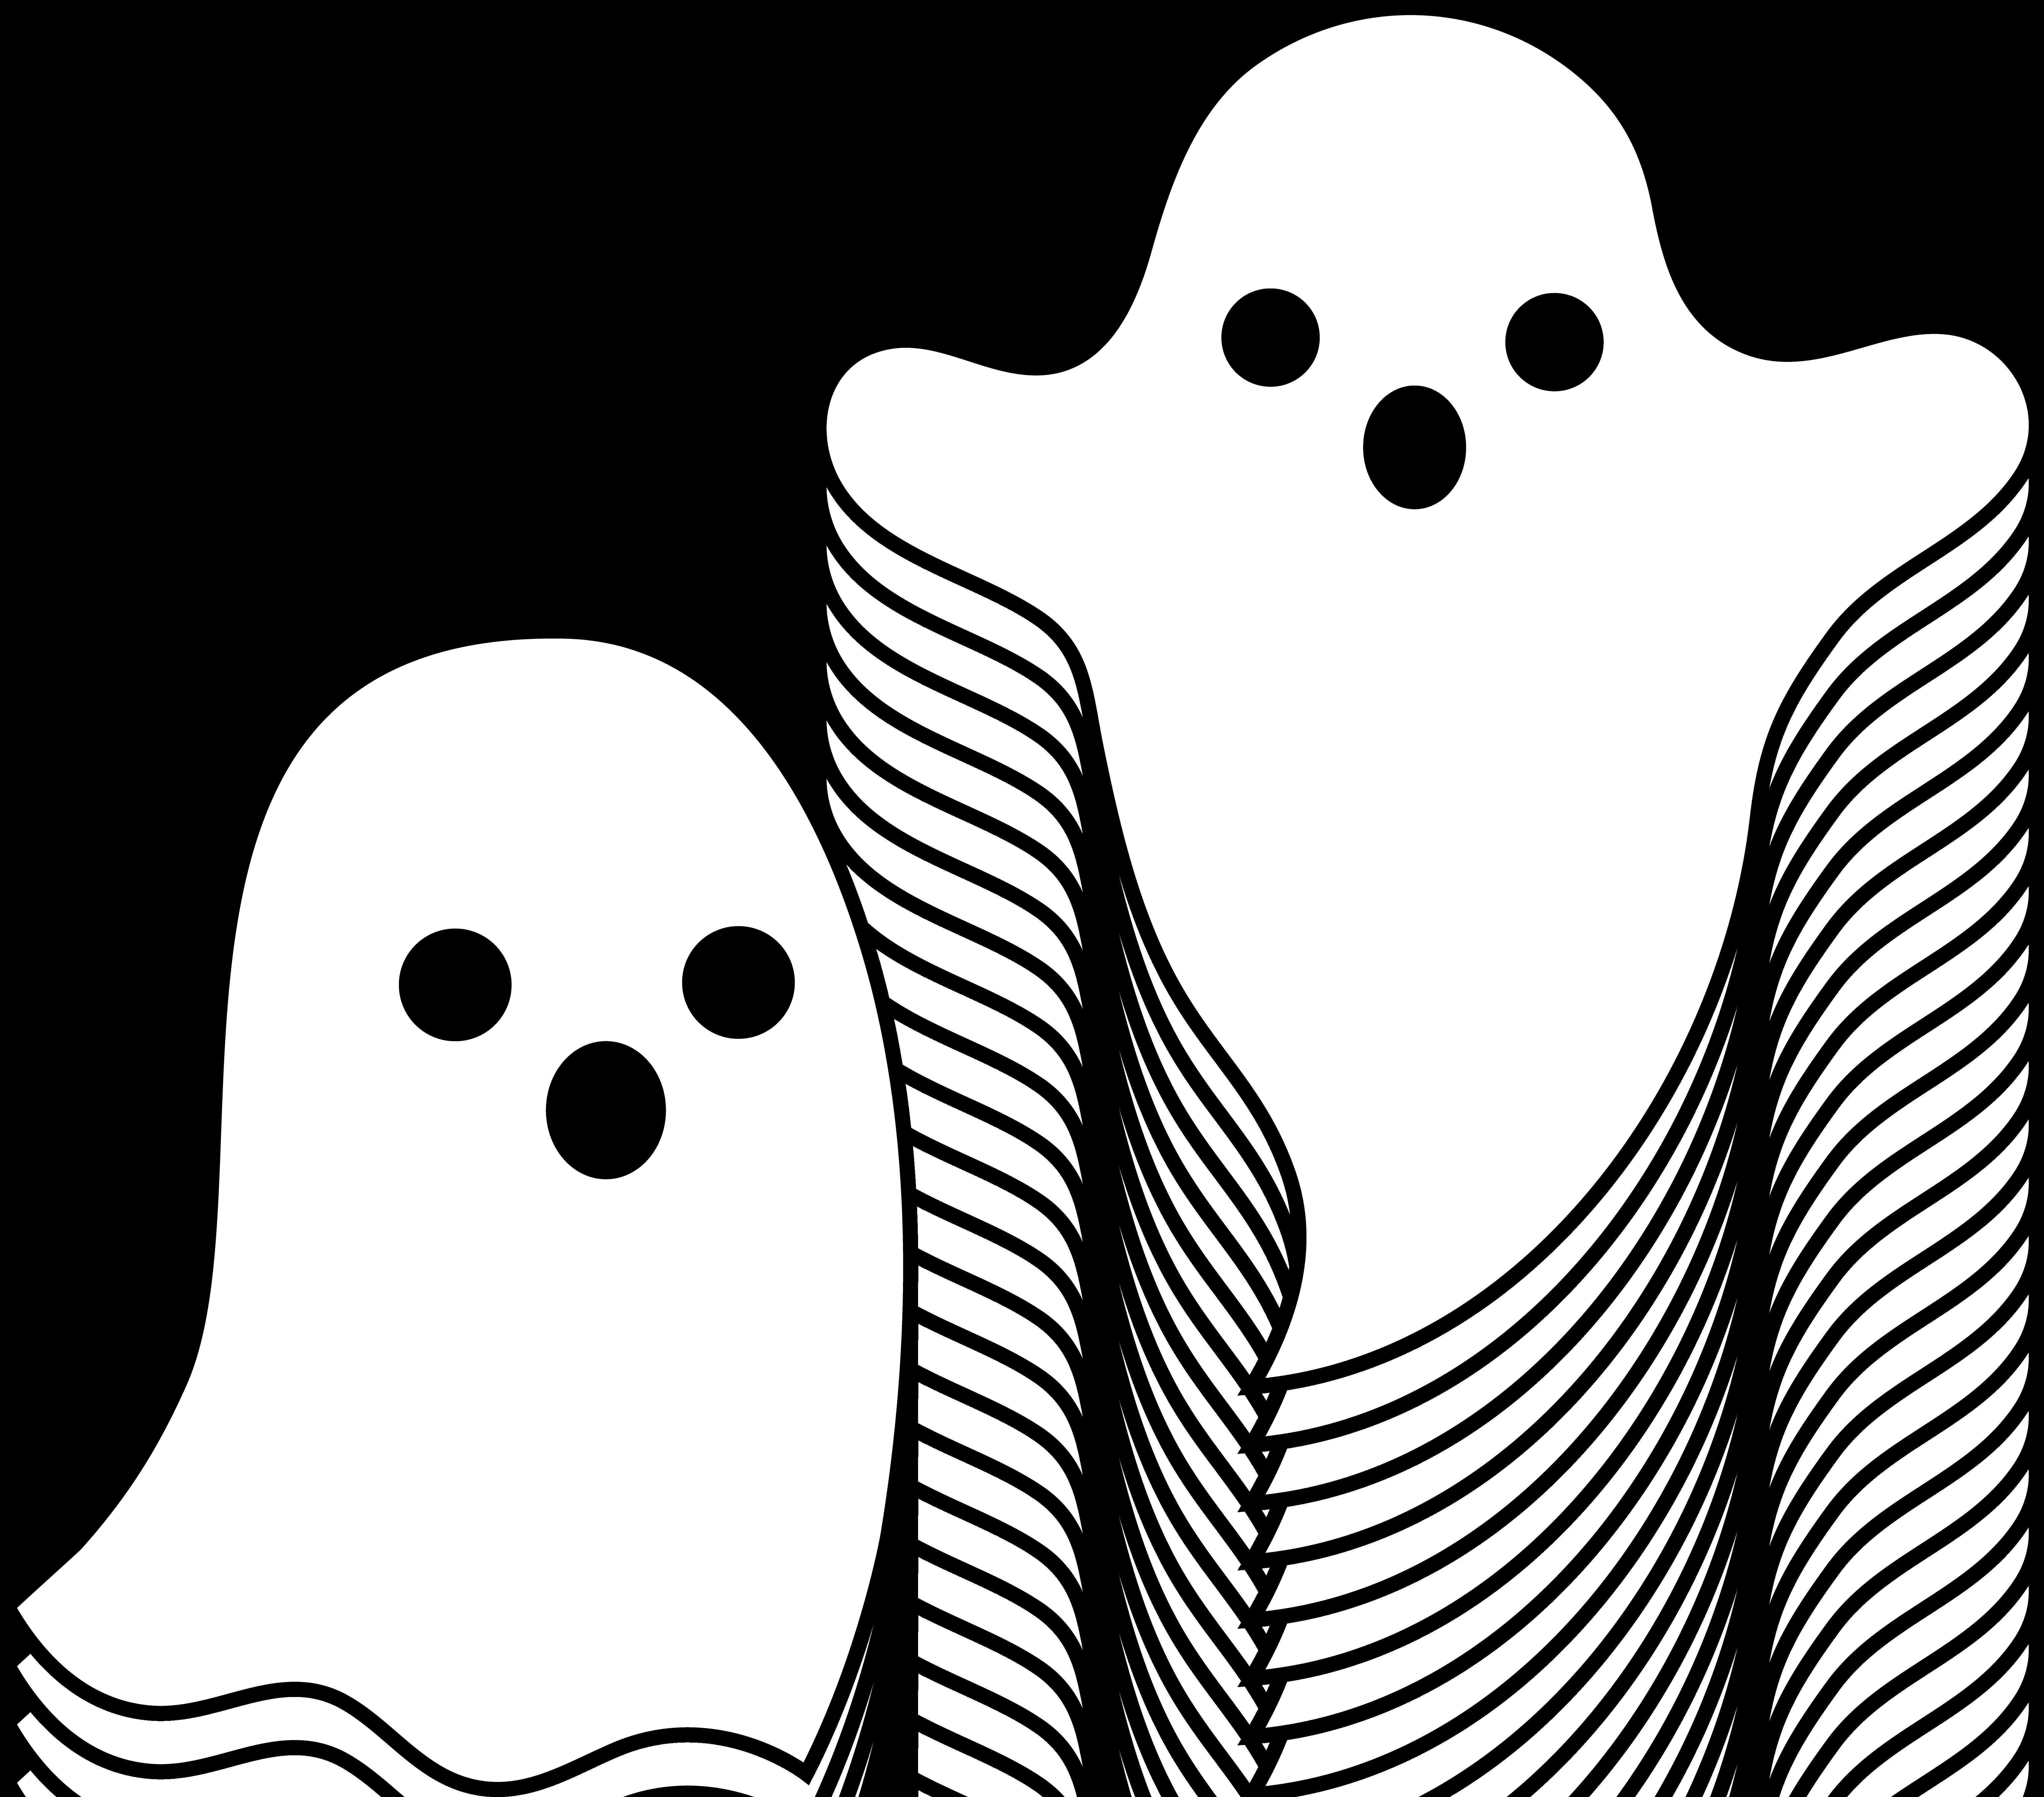 Carson dellosa school clipart clip art freeuse download Ghostly Clipart Carson Dellosa Free collection | Download and share ... clip art freeuse download